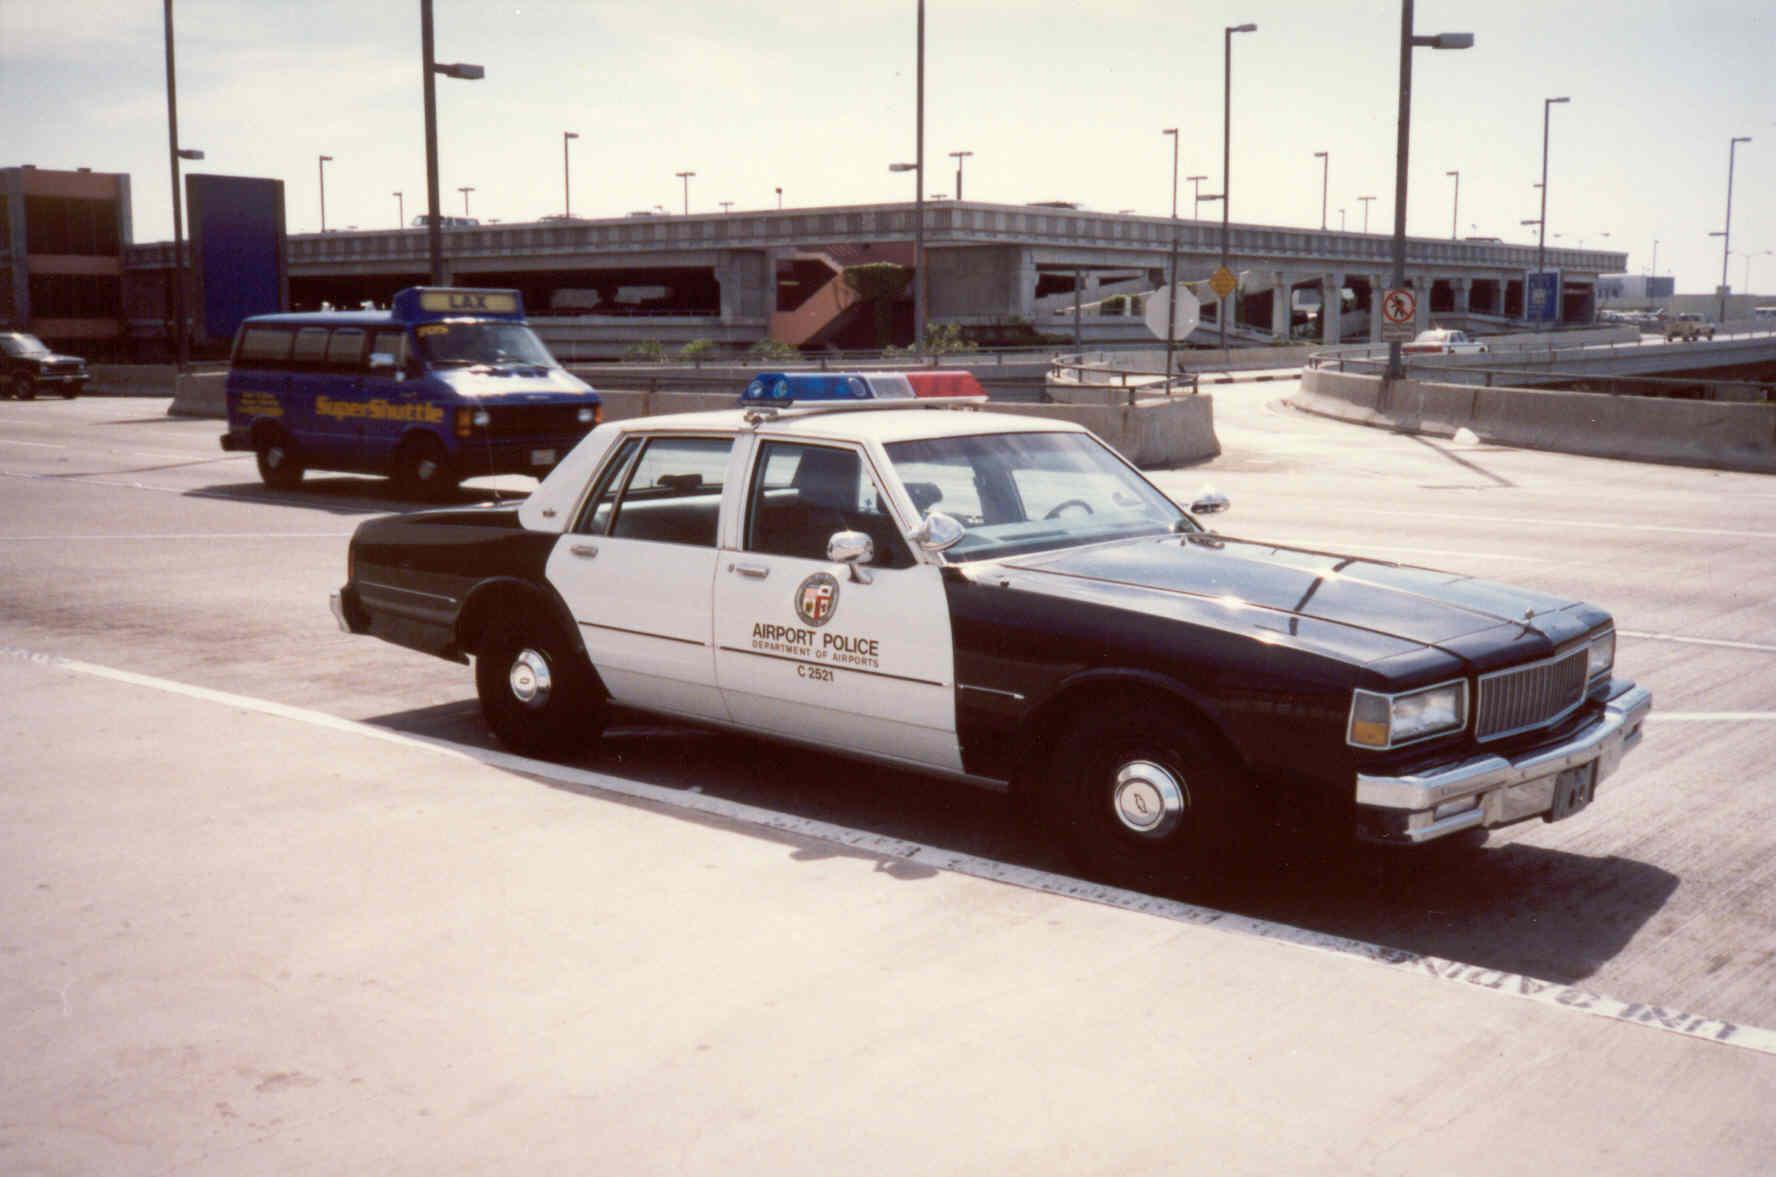 Sarel 1987 chevrolet caprice 9c1 pack vehicles gtaforums 81857882705d8e767aeog publicscrutiny Images